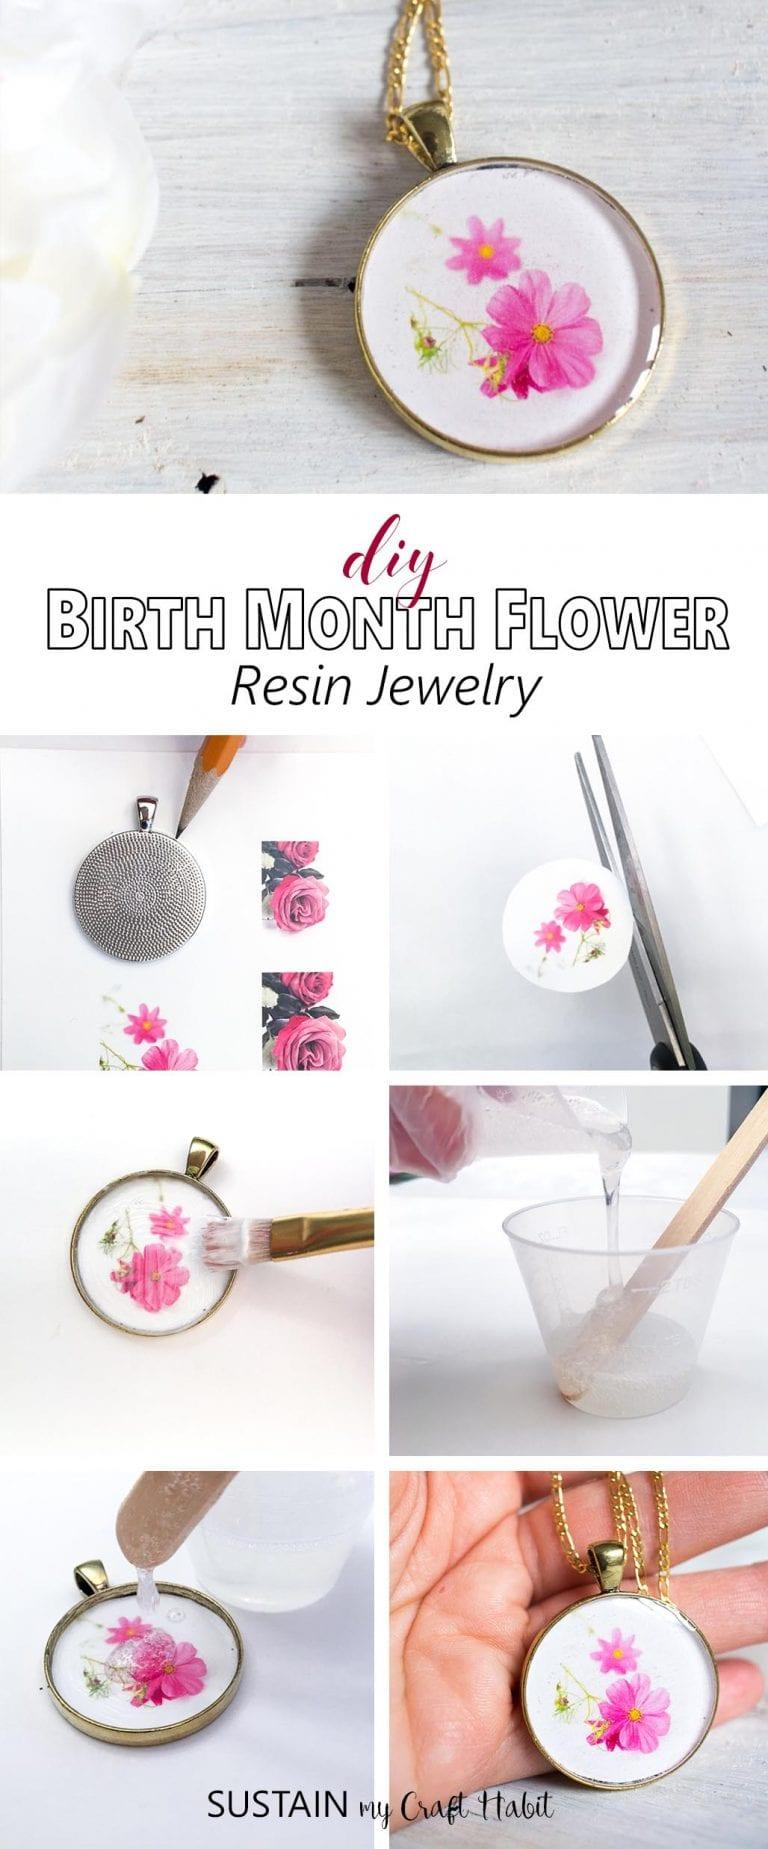 Cómo hacer joyas de resina: colgantes de flores para el mes de nacimiento